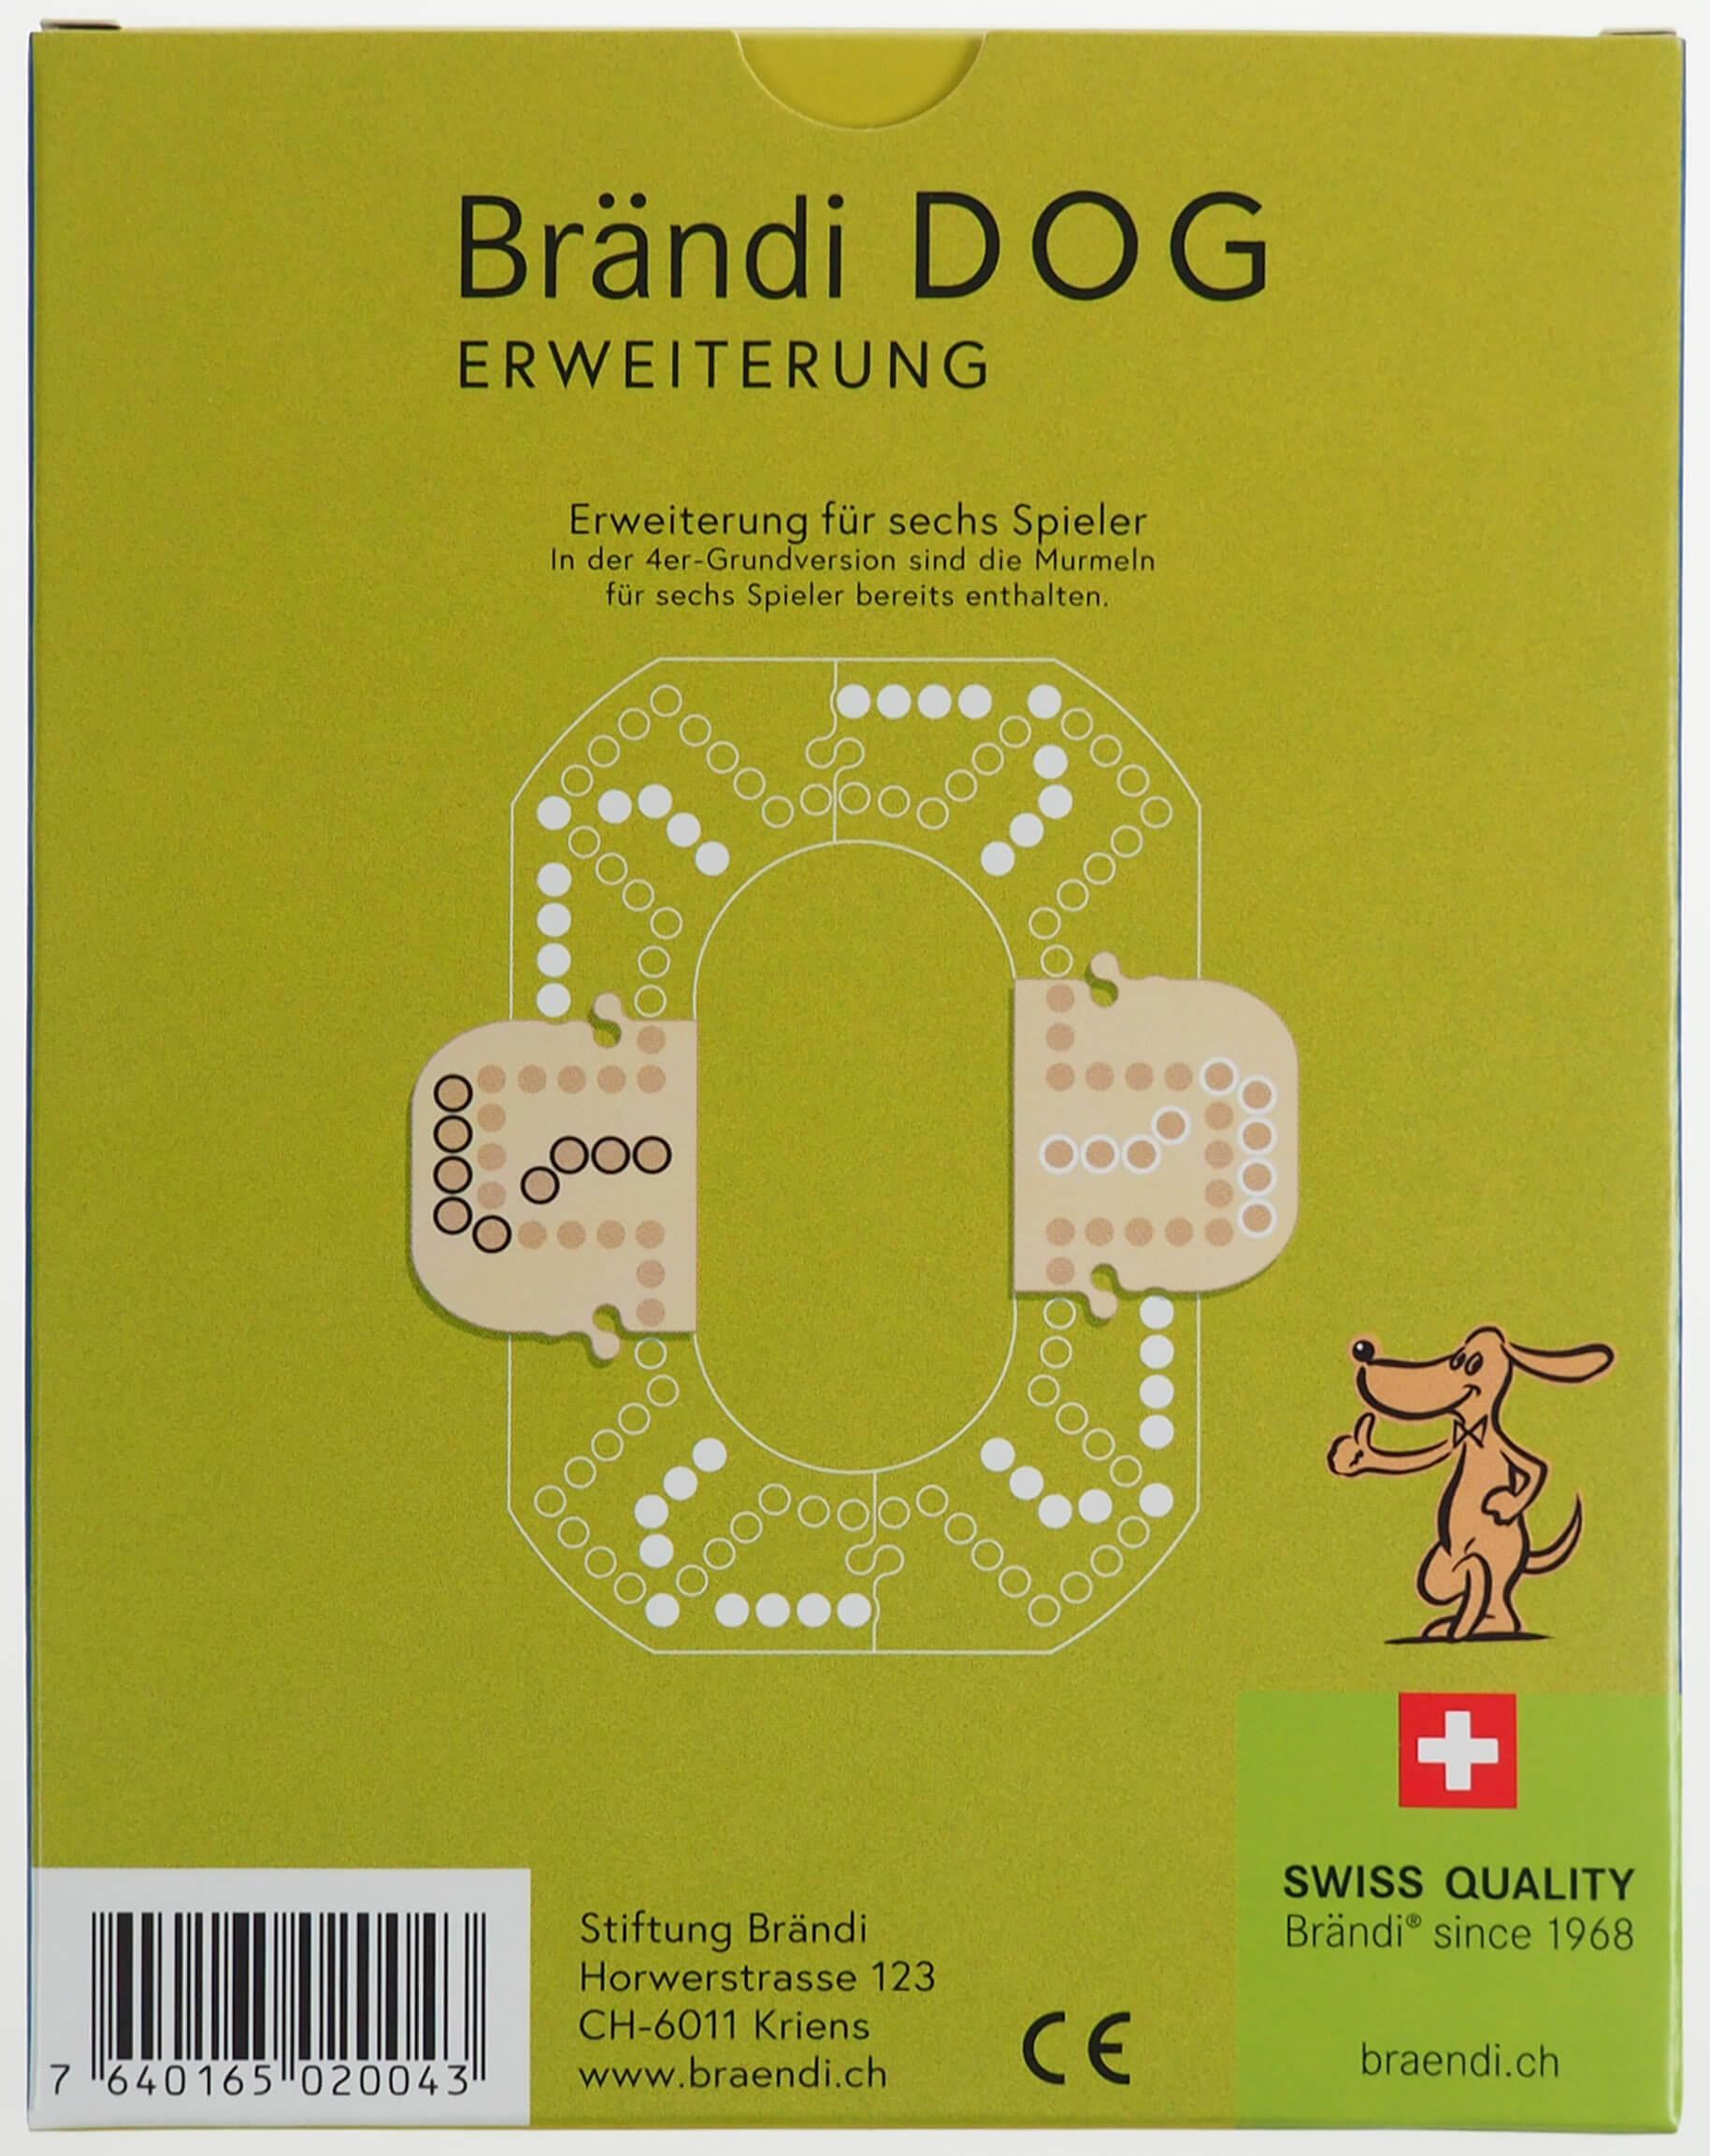 Schachtel Rückseite- Brändi Dog-Erweiterung für 6 Spieler